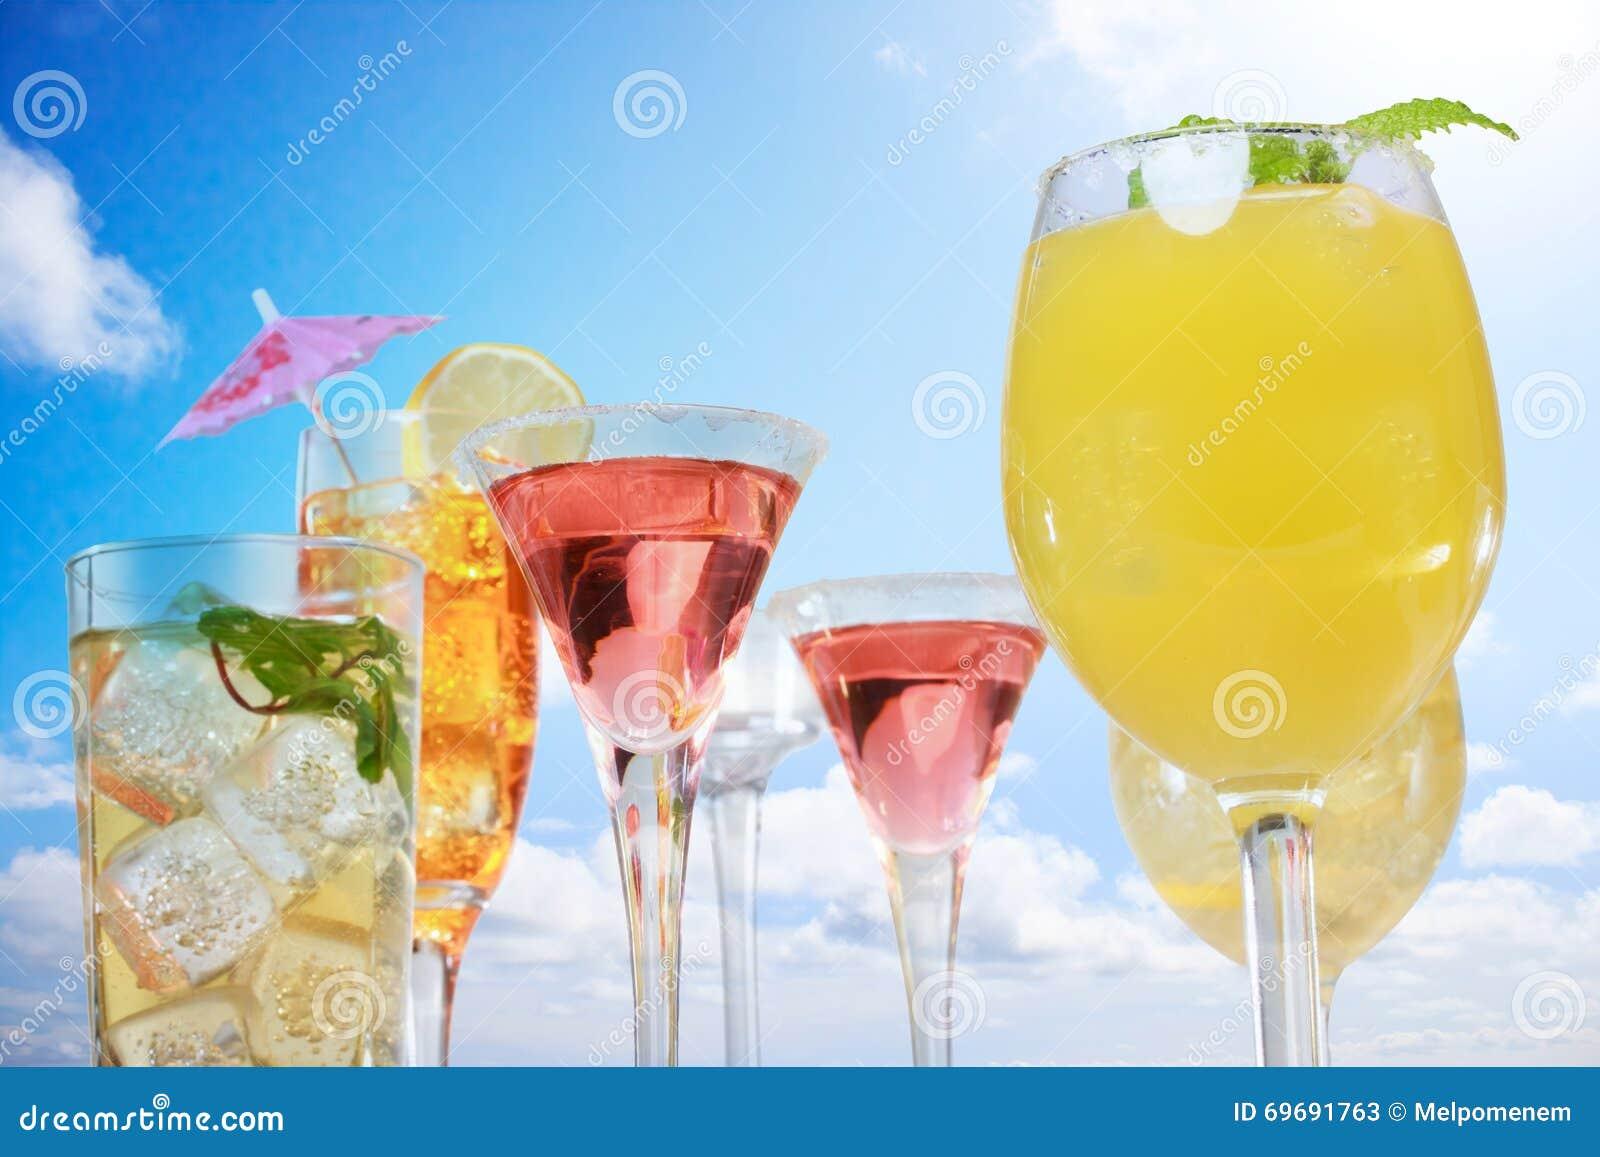 Zusammenstellung Von Getränken über Blauem Himmel Stockbild - Bild ...